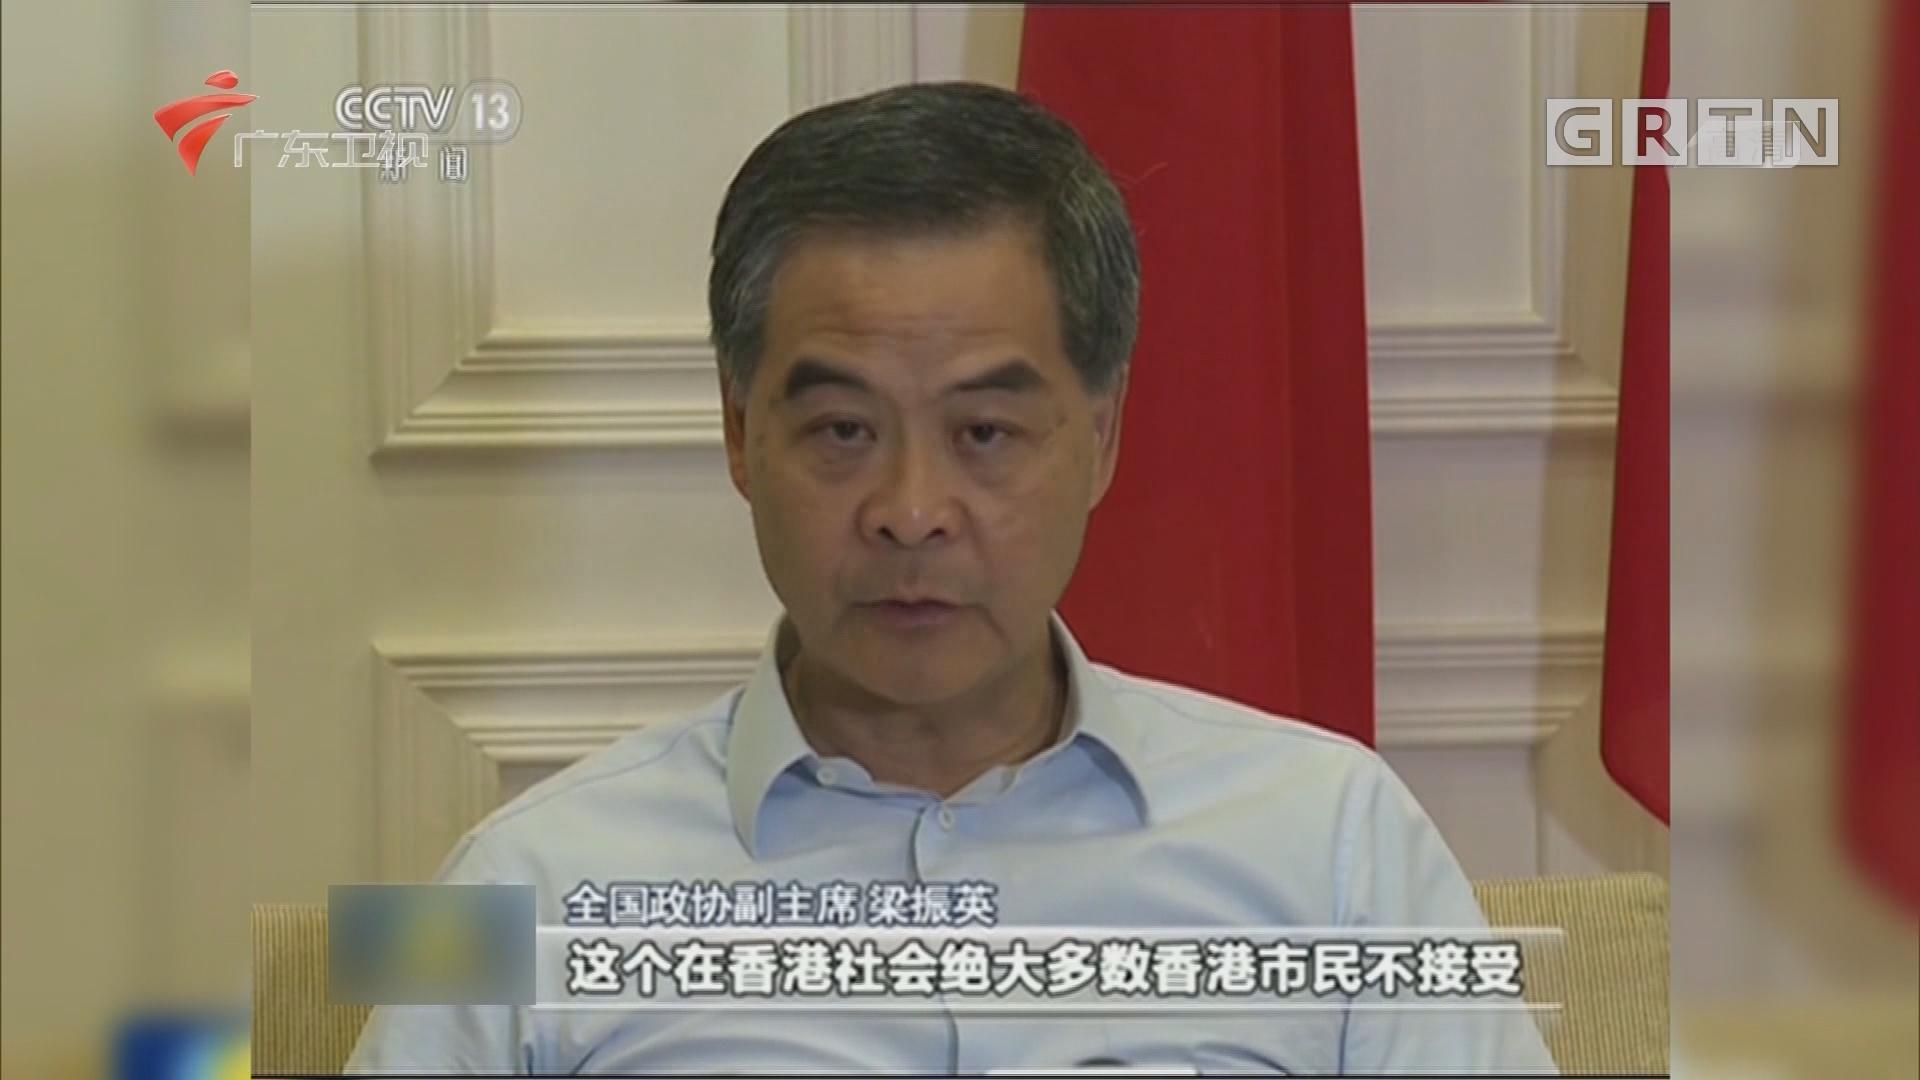 香港各界严厉谴责香港机场严重暴力行径